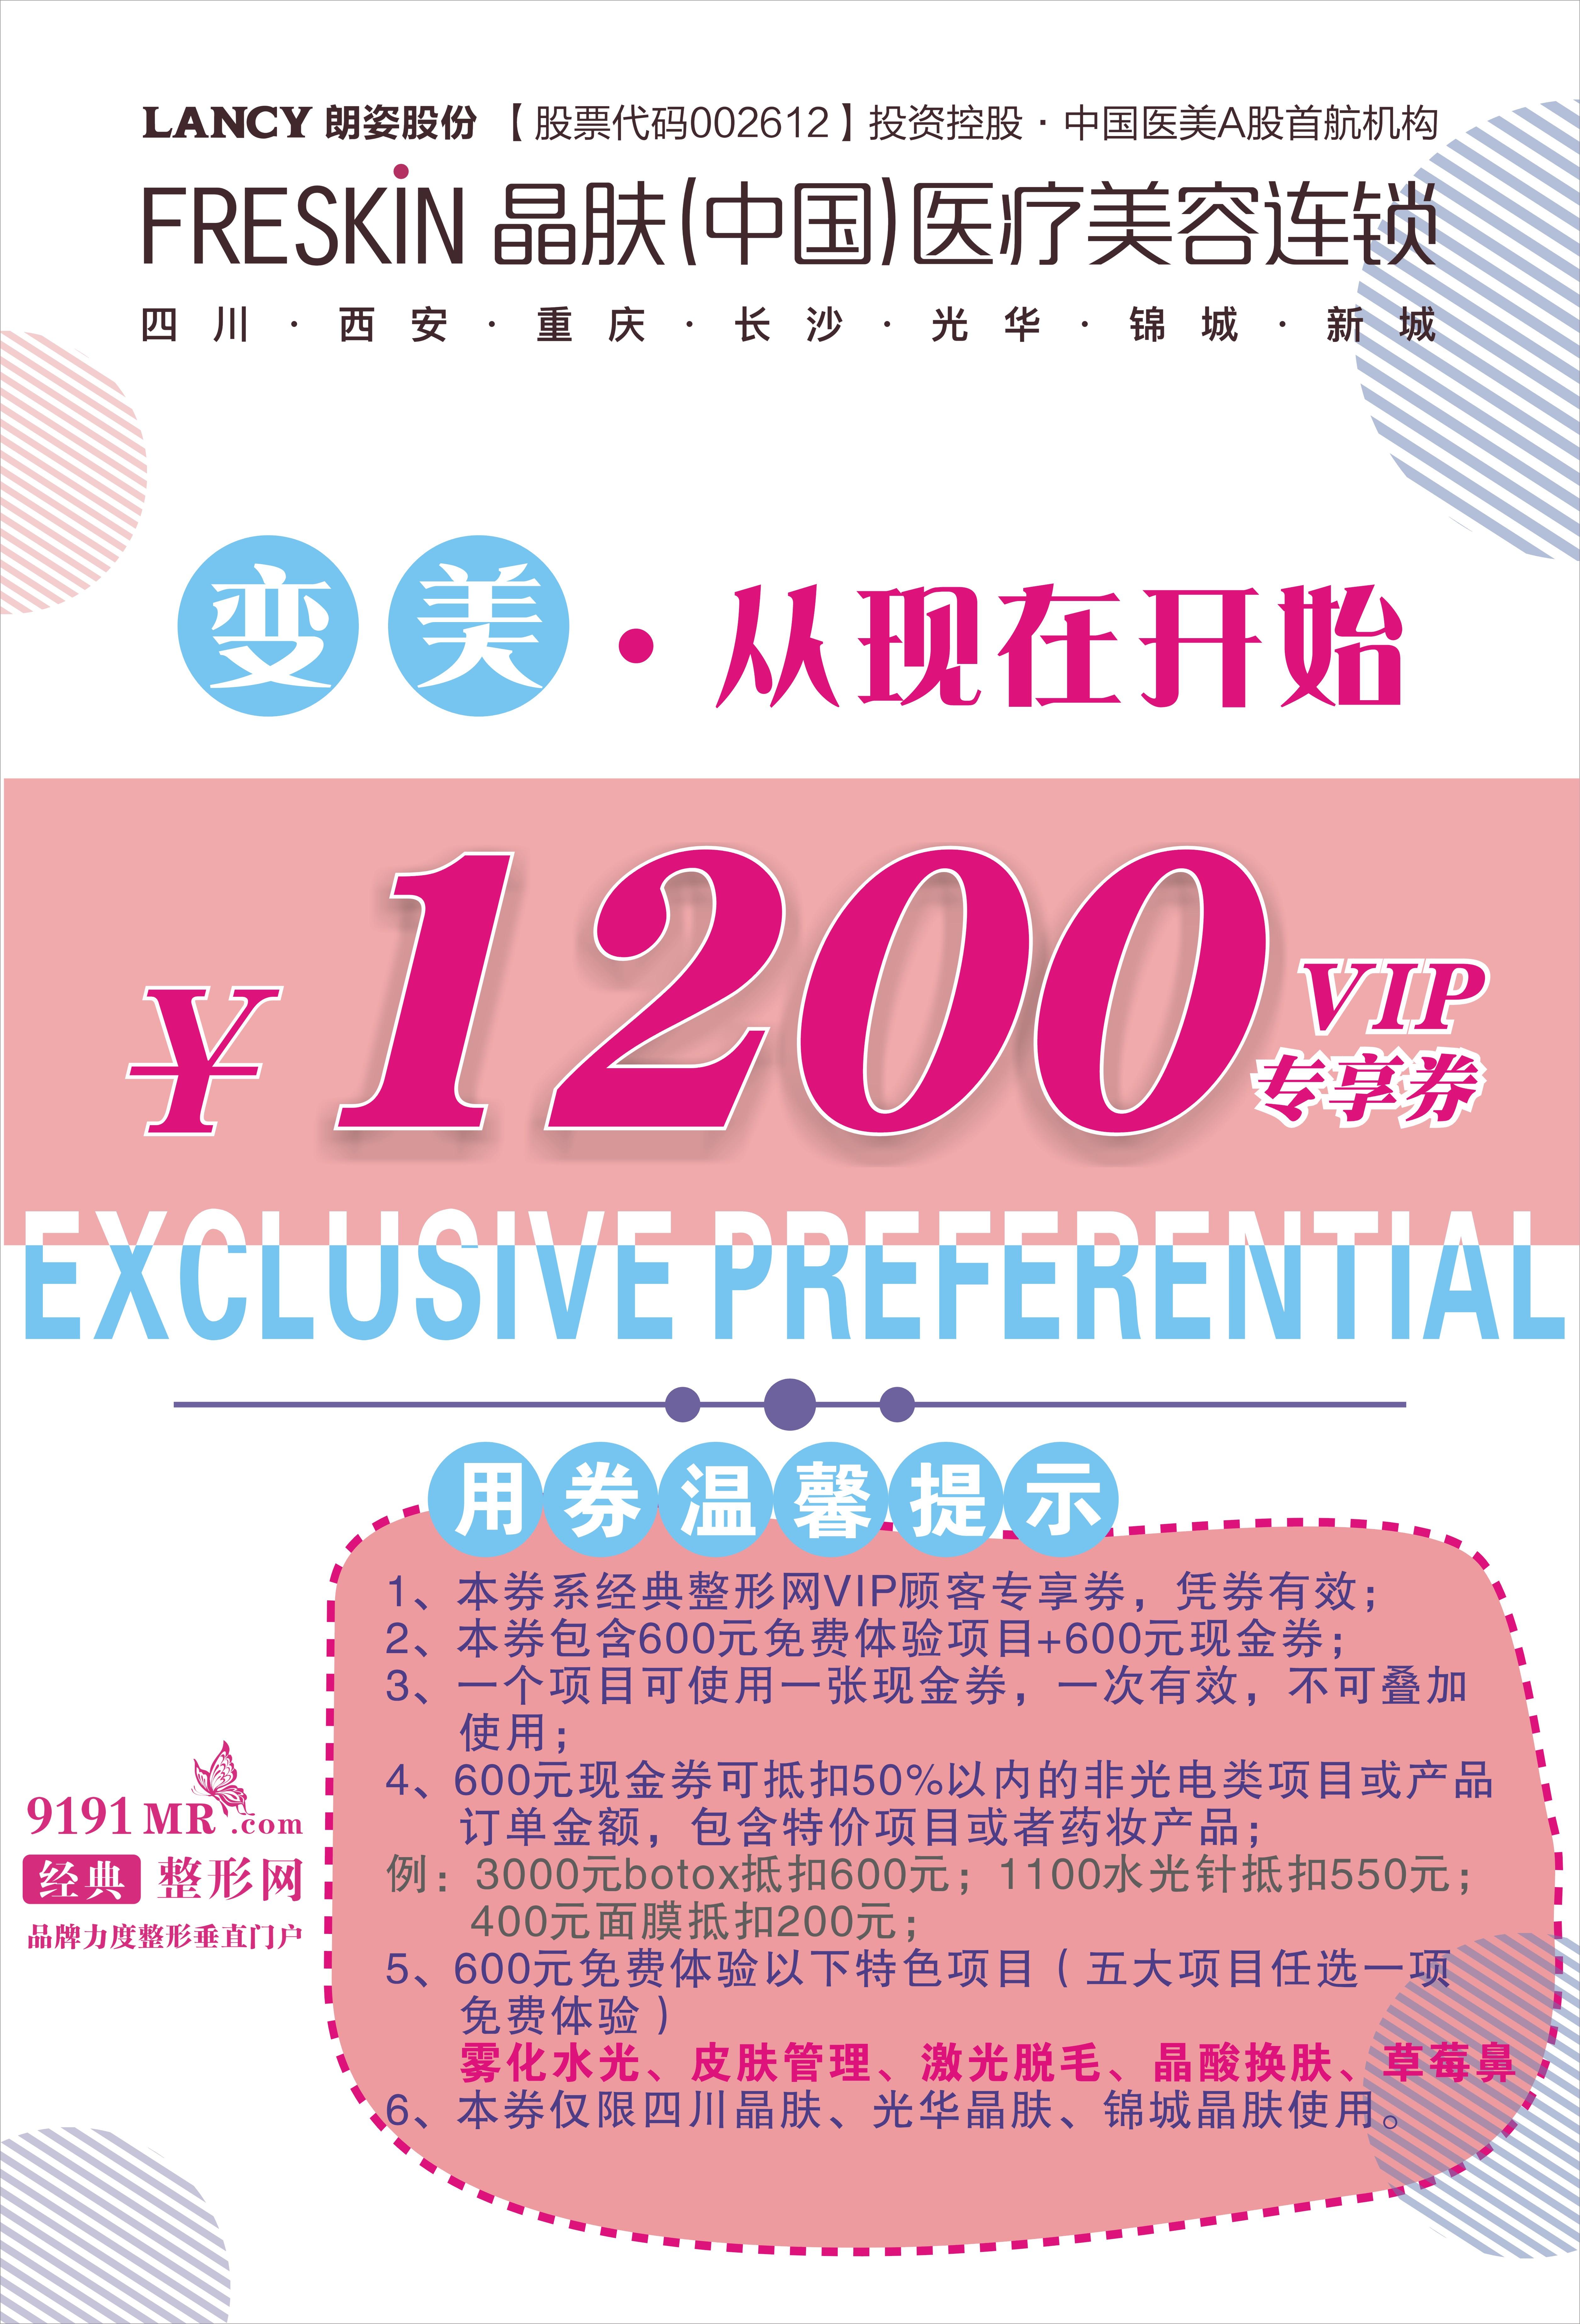 FRESKIN 晶肤(中国)医疗变美从现在开始